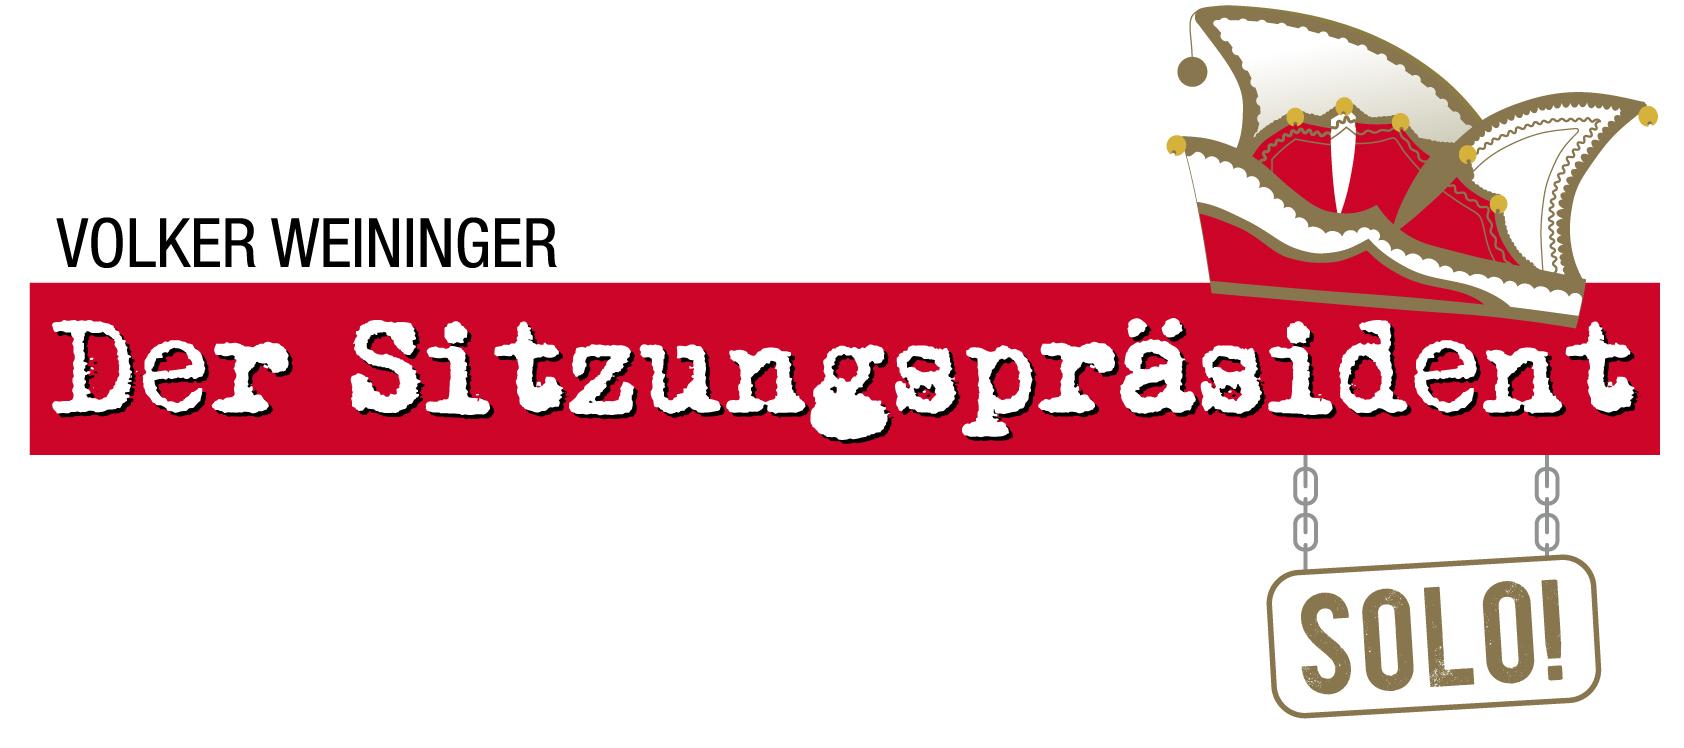 Volker Weininger - Der Sitzungspräsident - Freitag, 25.06.2021 - 20:00 Uhr